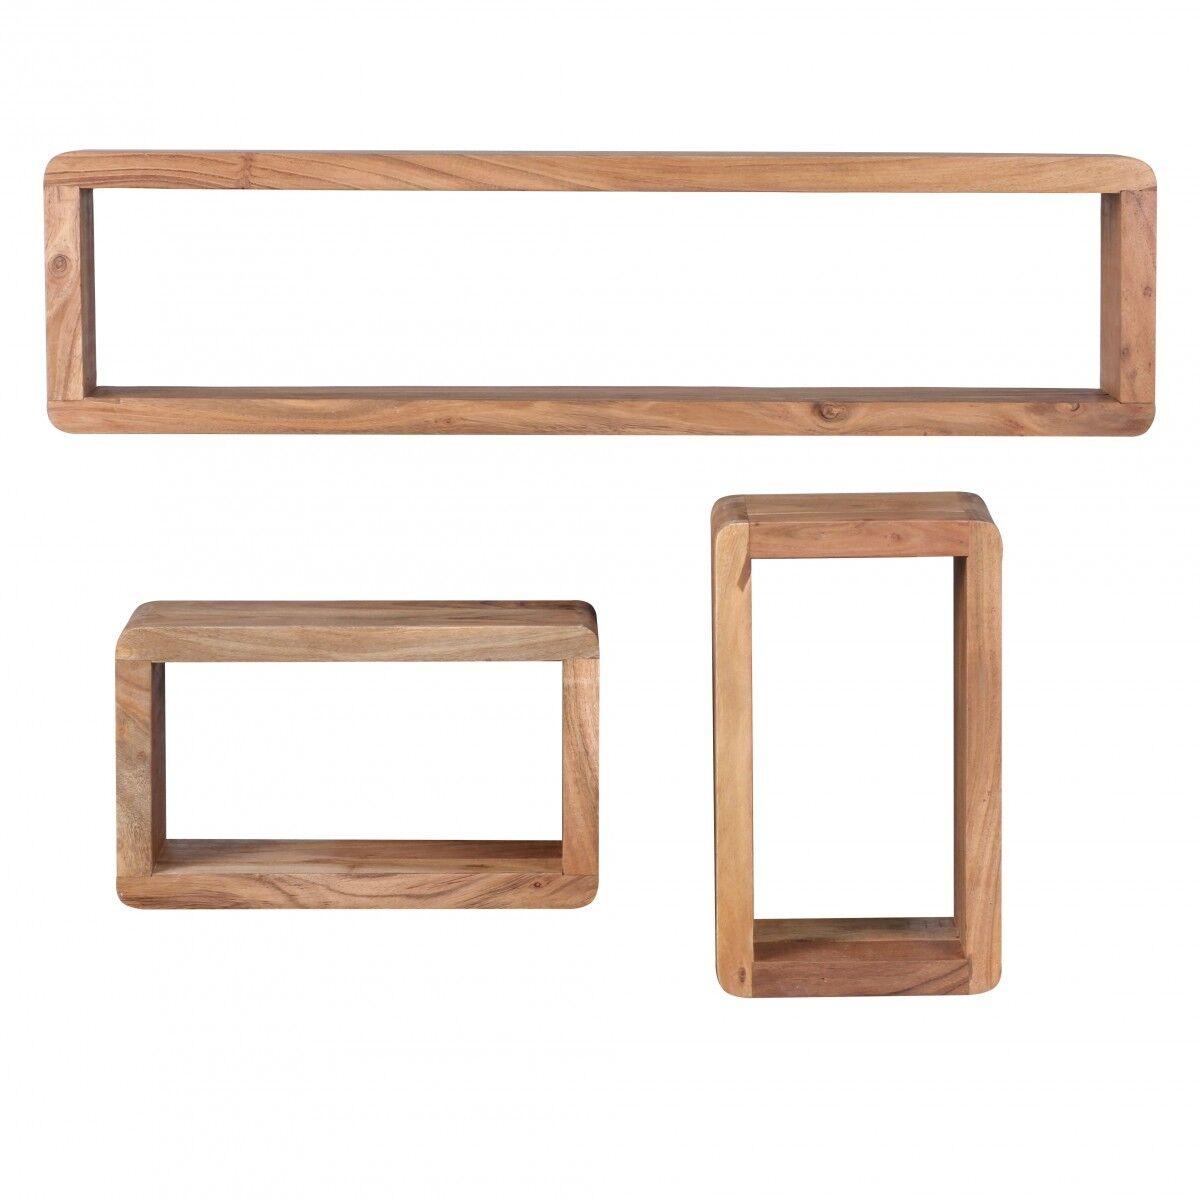 Muro scaffali librerie Cubo Scaffale 3er Set Buana legno massiccio acacia